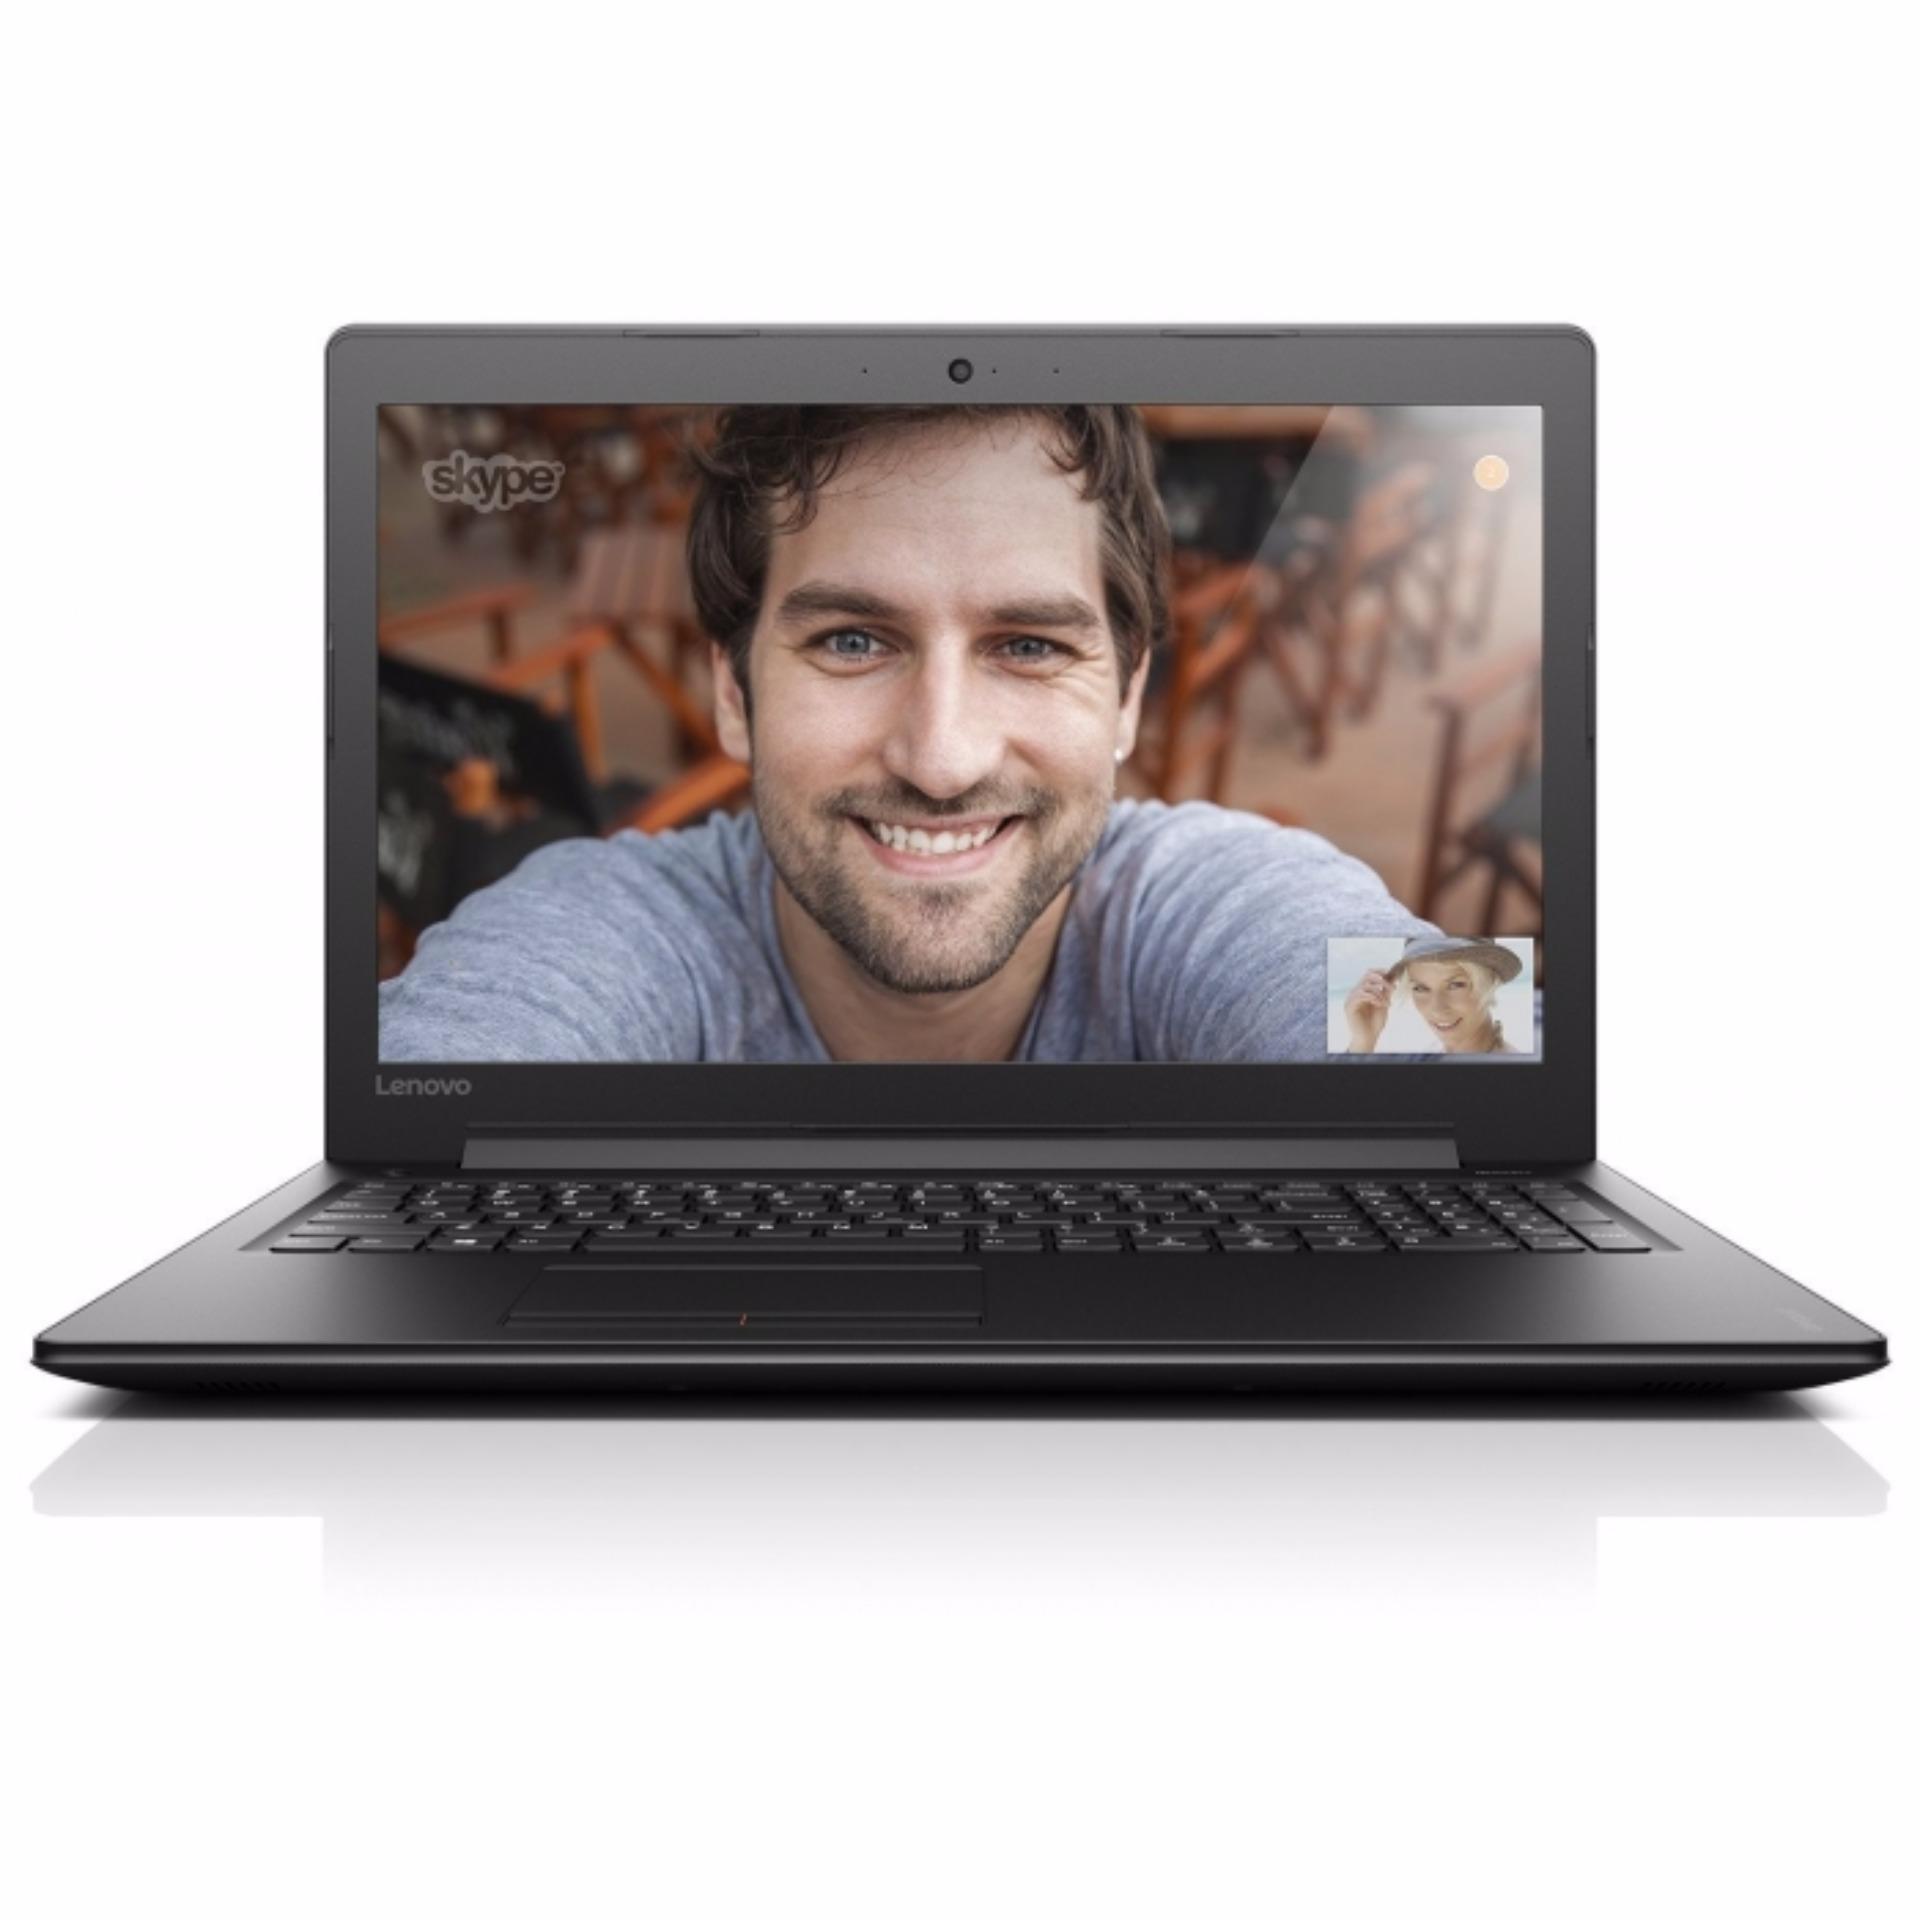 Terbaik Murah Lenovo Ideapad 310 15abr Quadcore A10 9600p Ram 310s 1gid 12gb Hdd 1tb